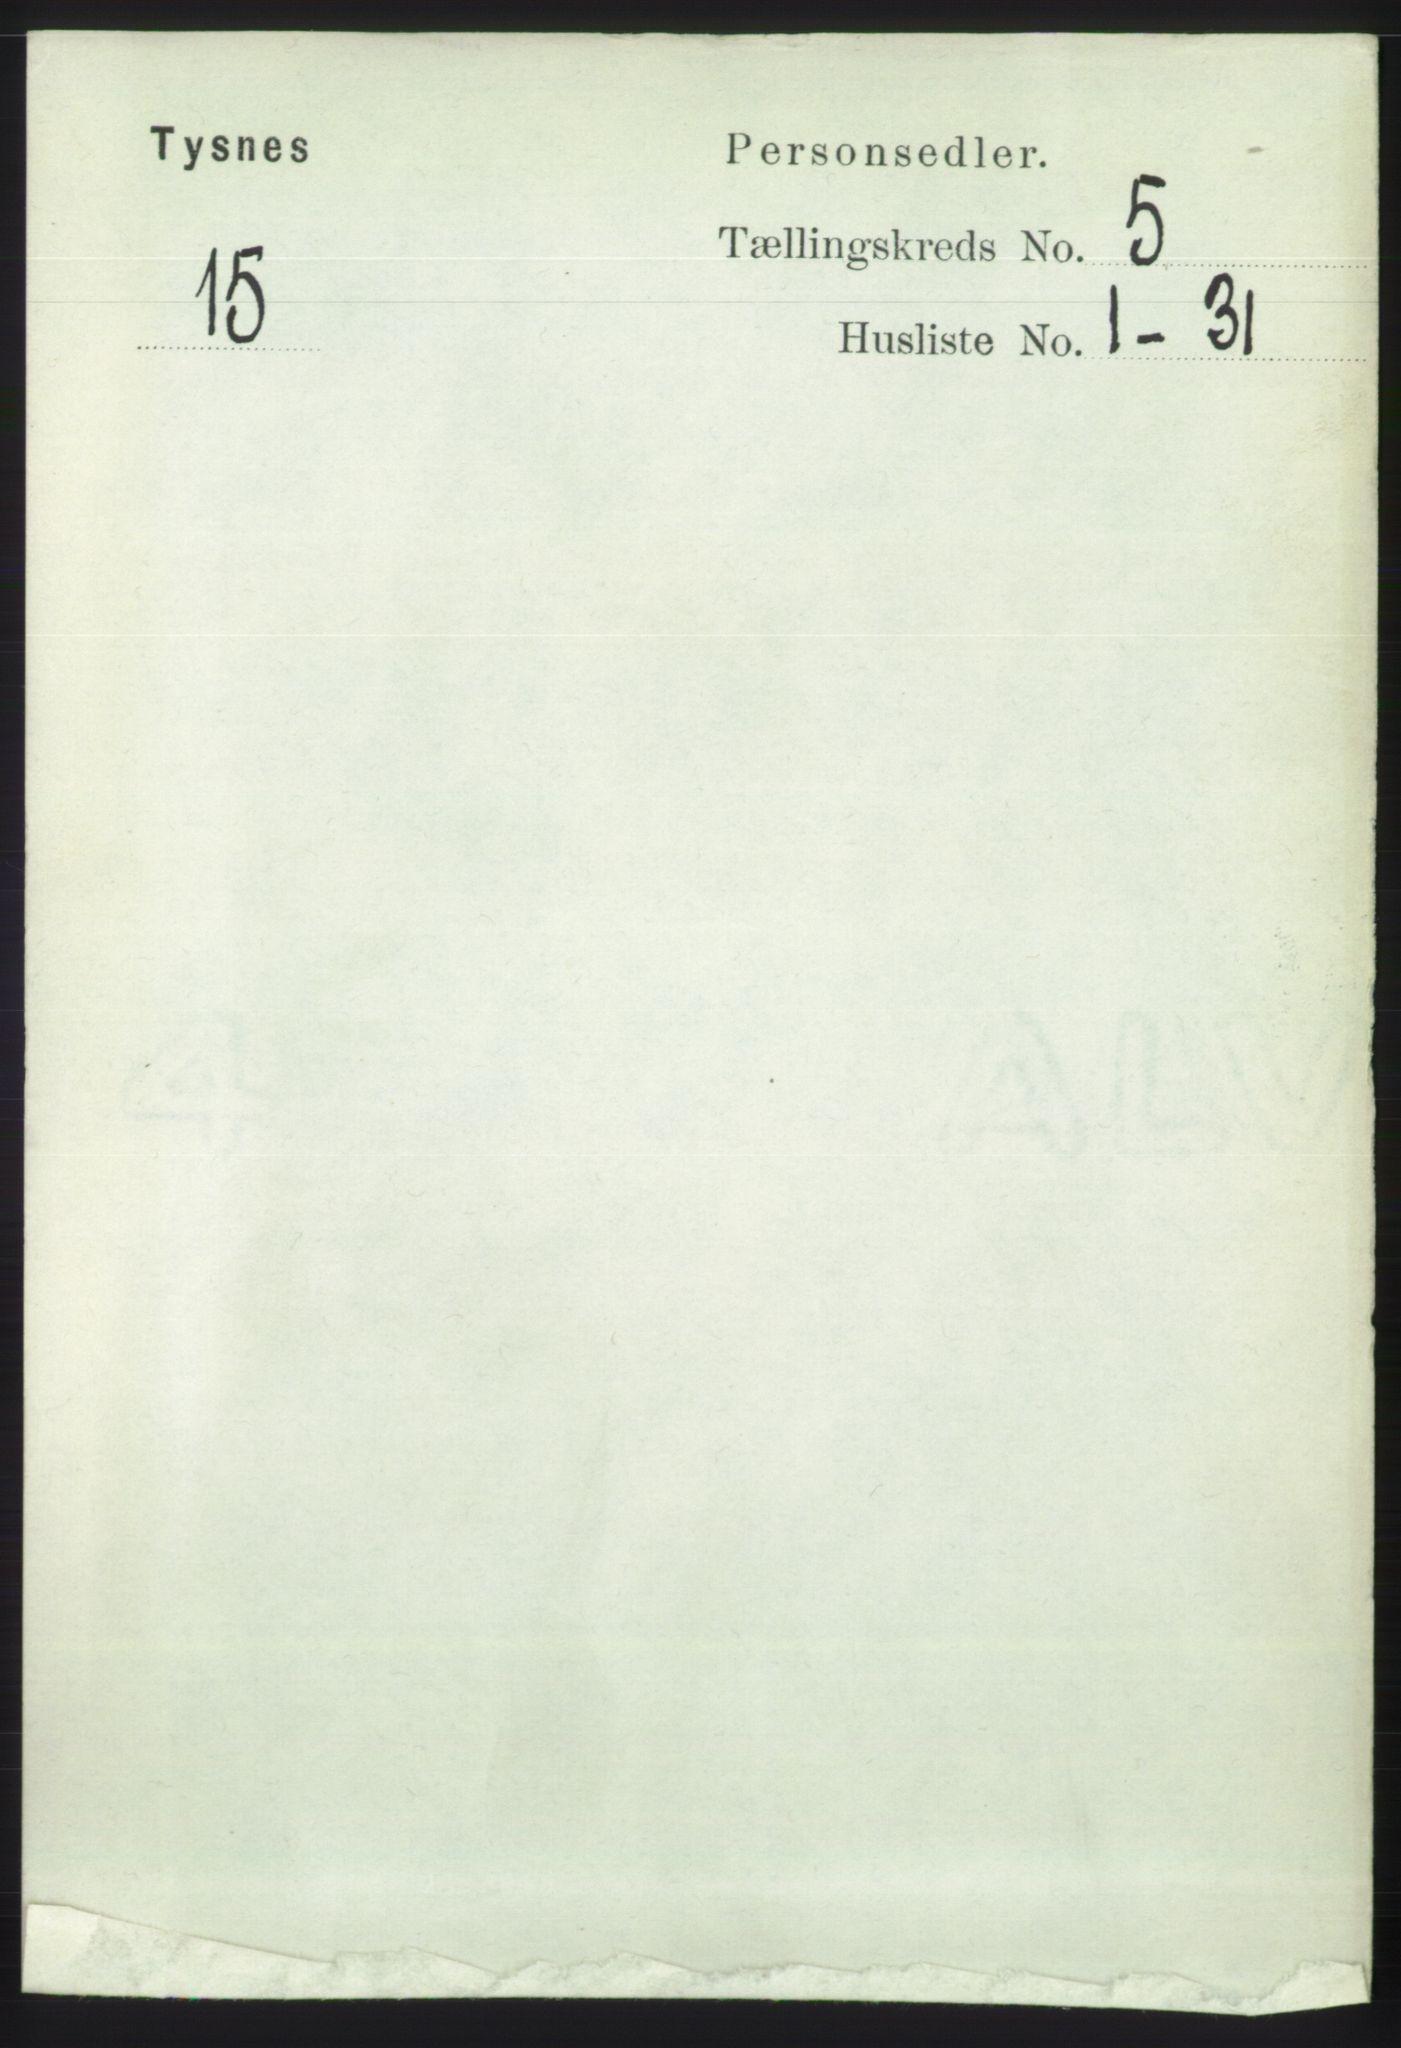 RA, Folketelling 1891 for 1223 Tysnes herred, 1891, s. 1901